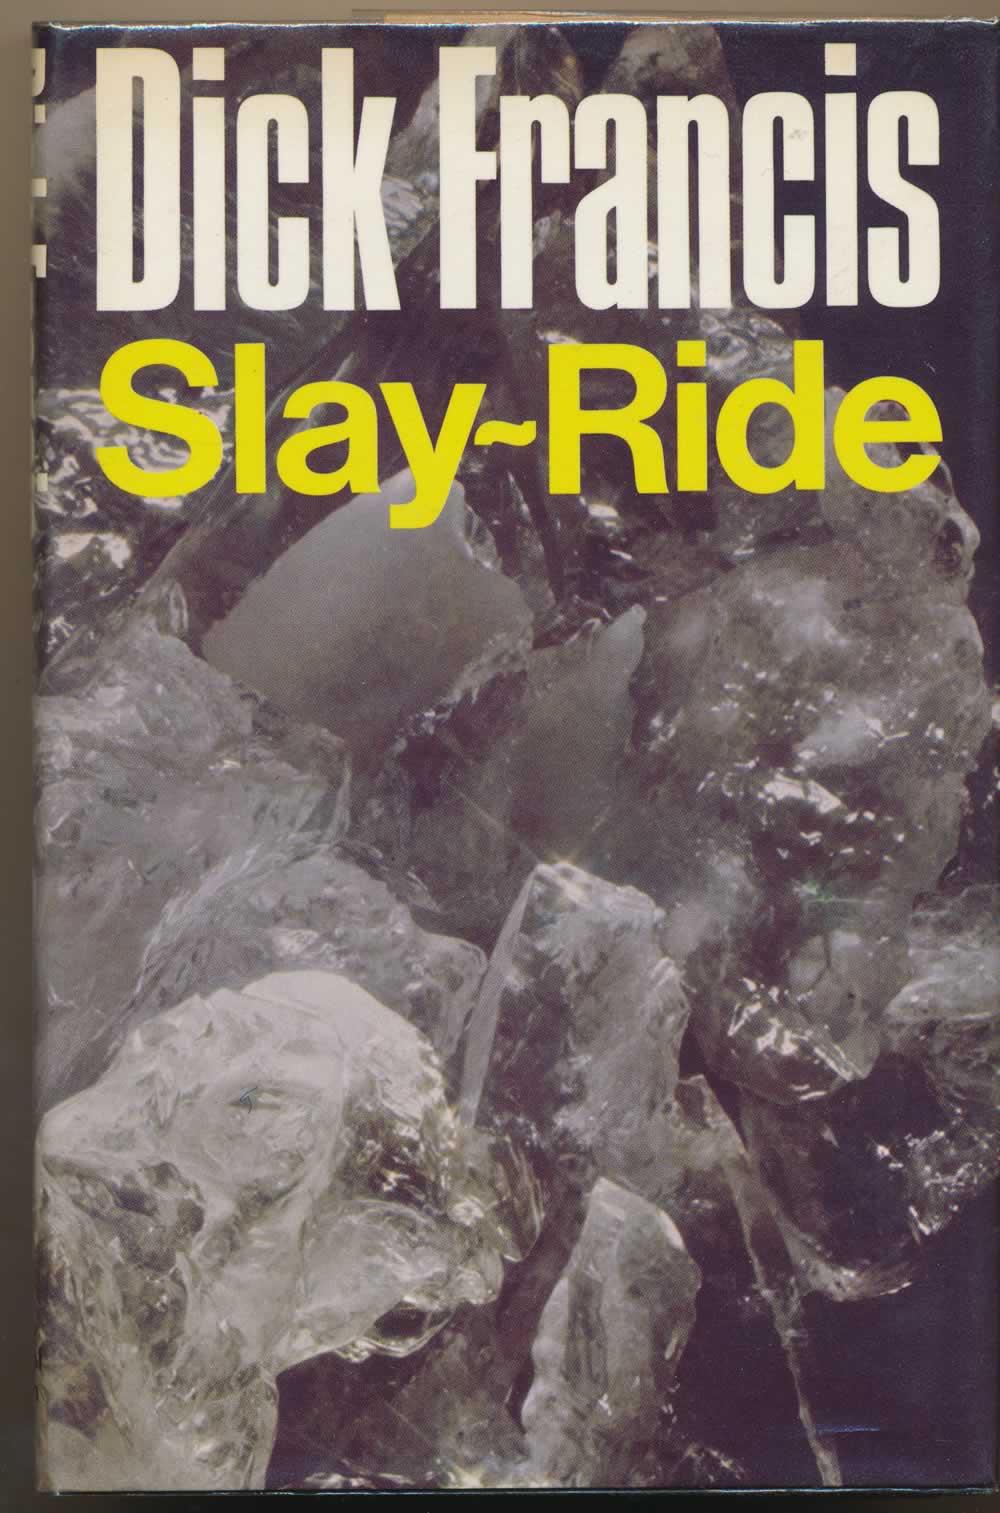 Slay-ride